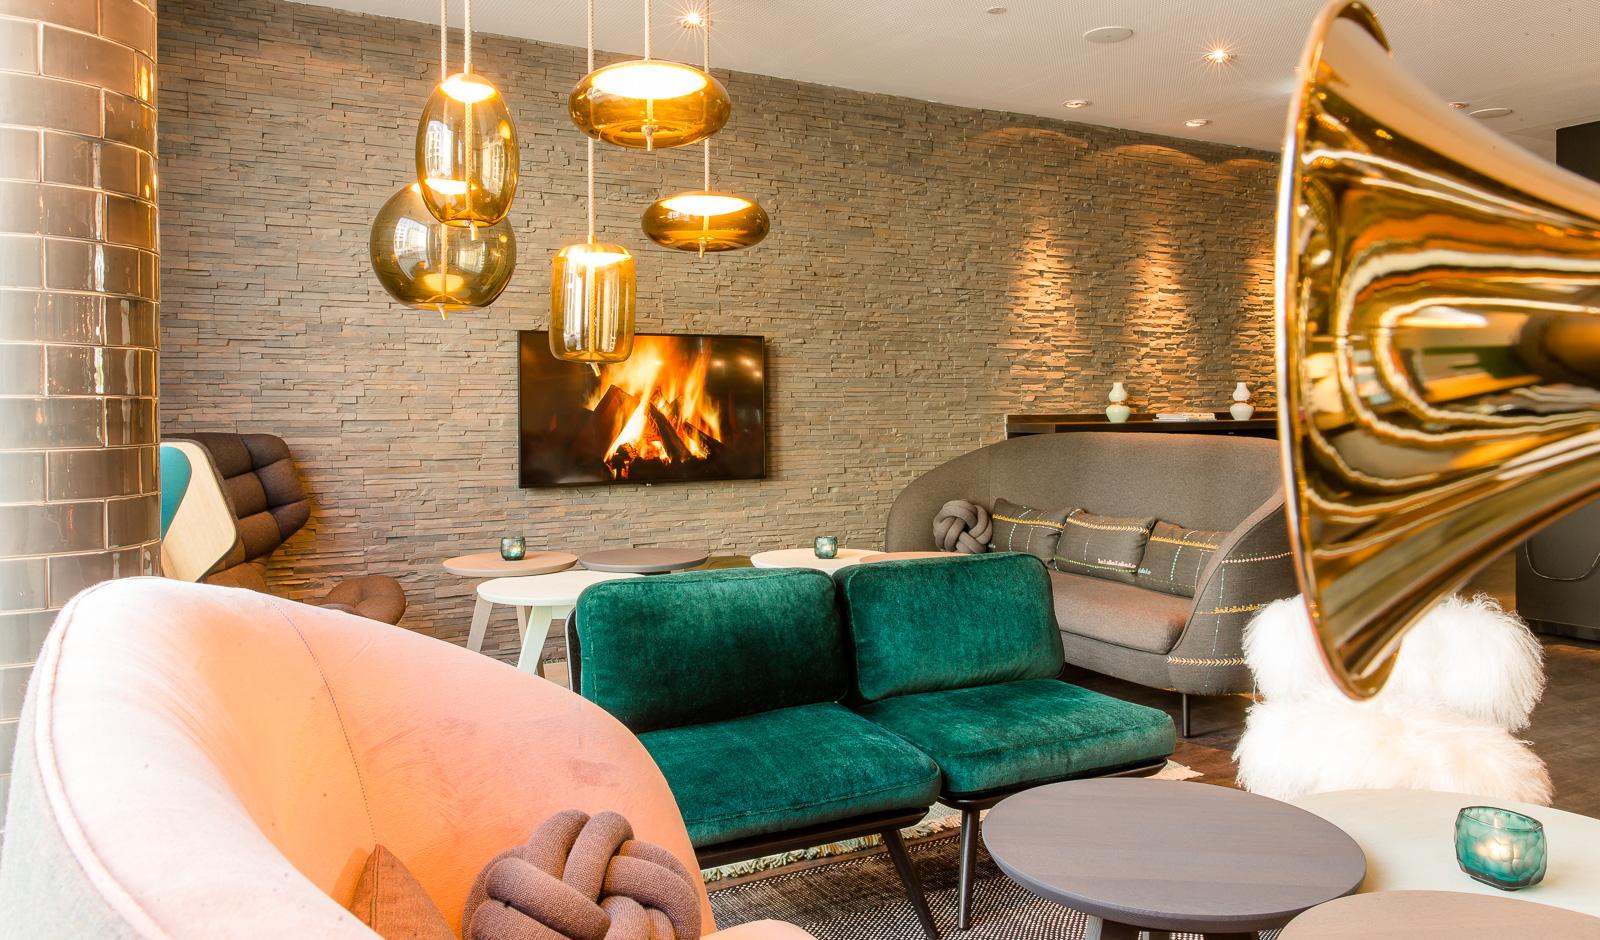 Mbeldesign perfect dansk mbeldesign rocking chairs fdbmbler